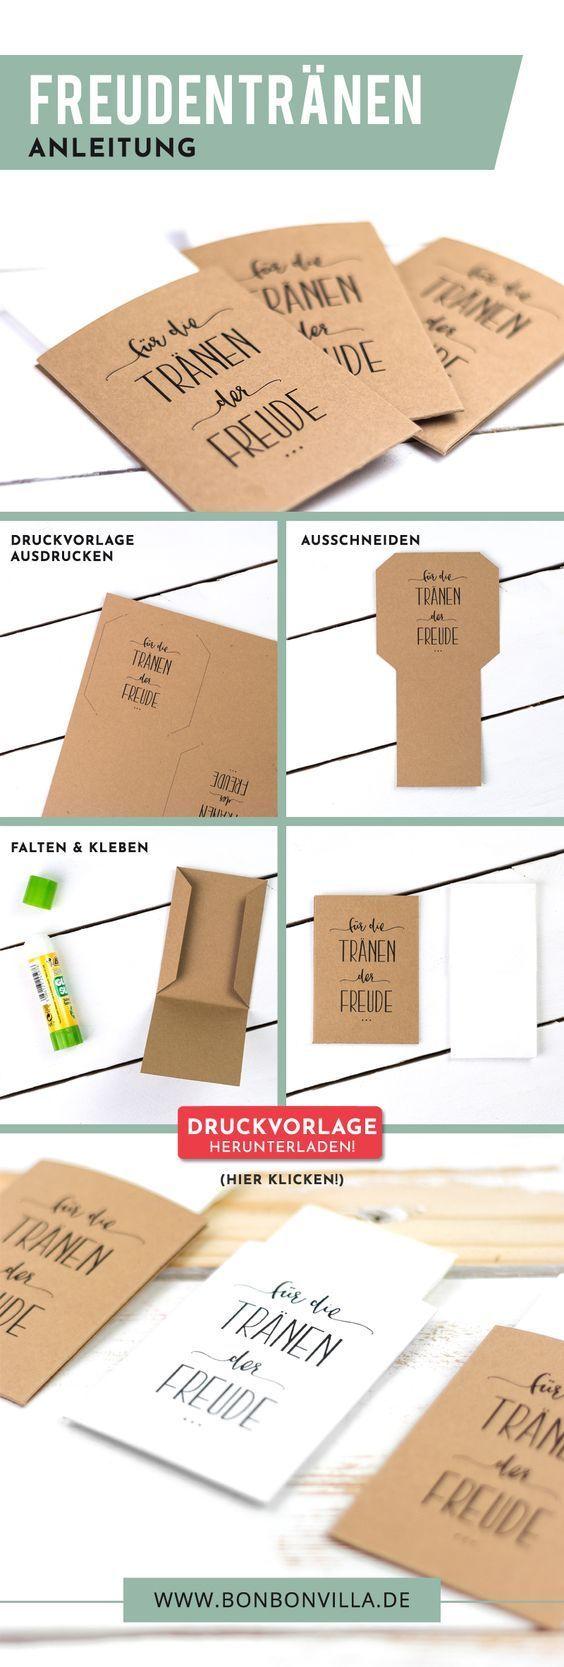 Taschentücher für die Freudentränen (PDF)